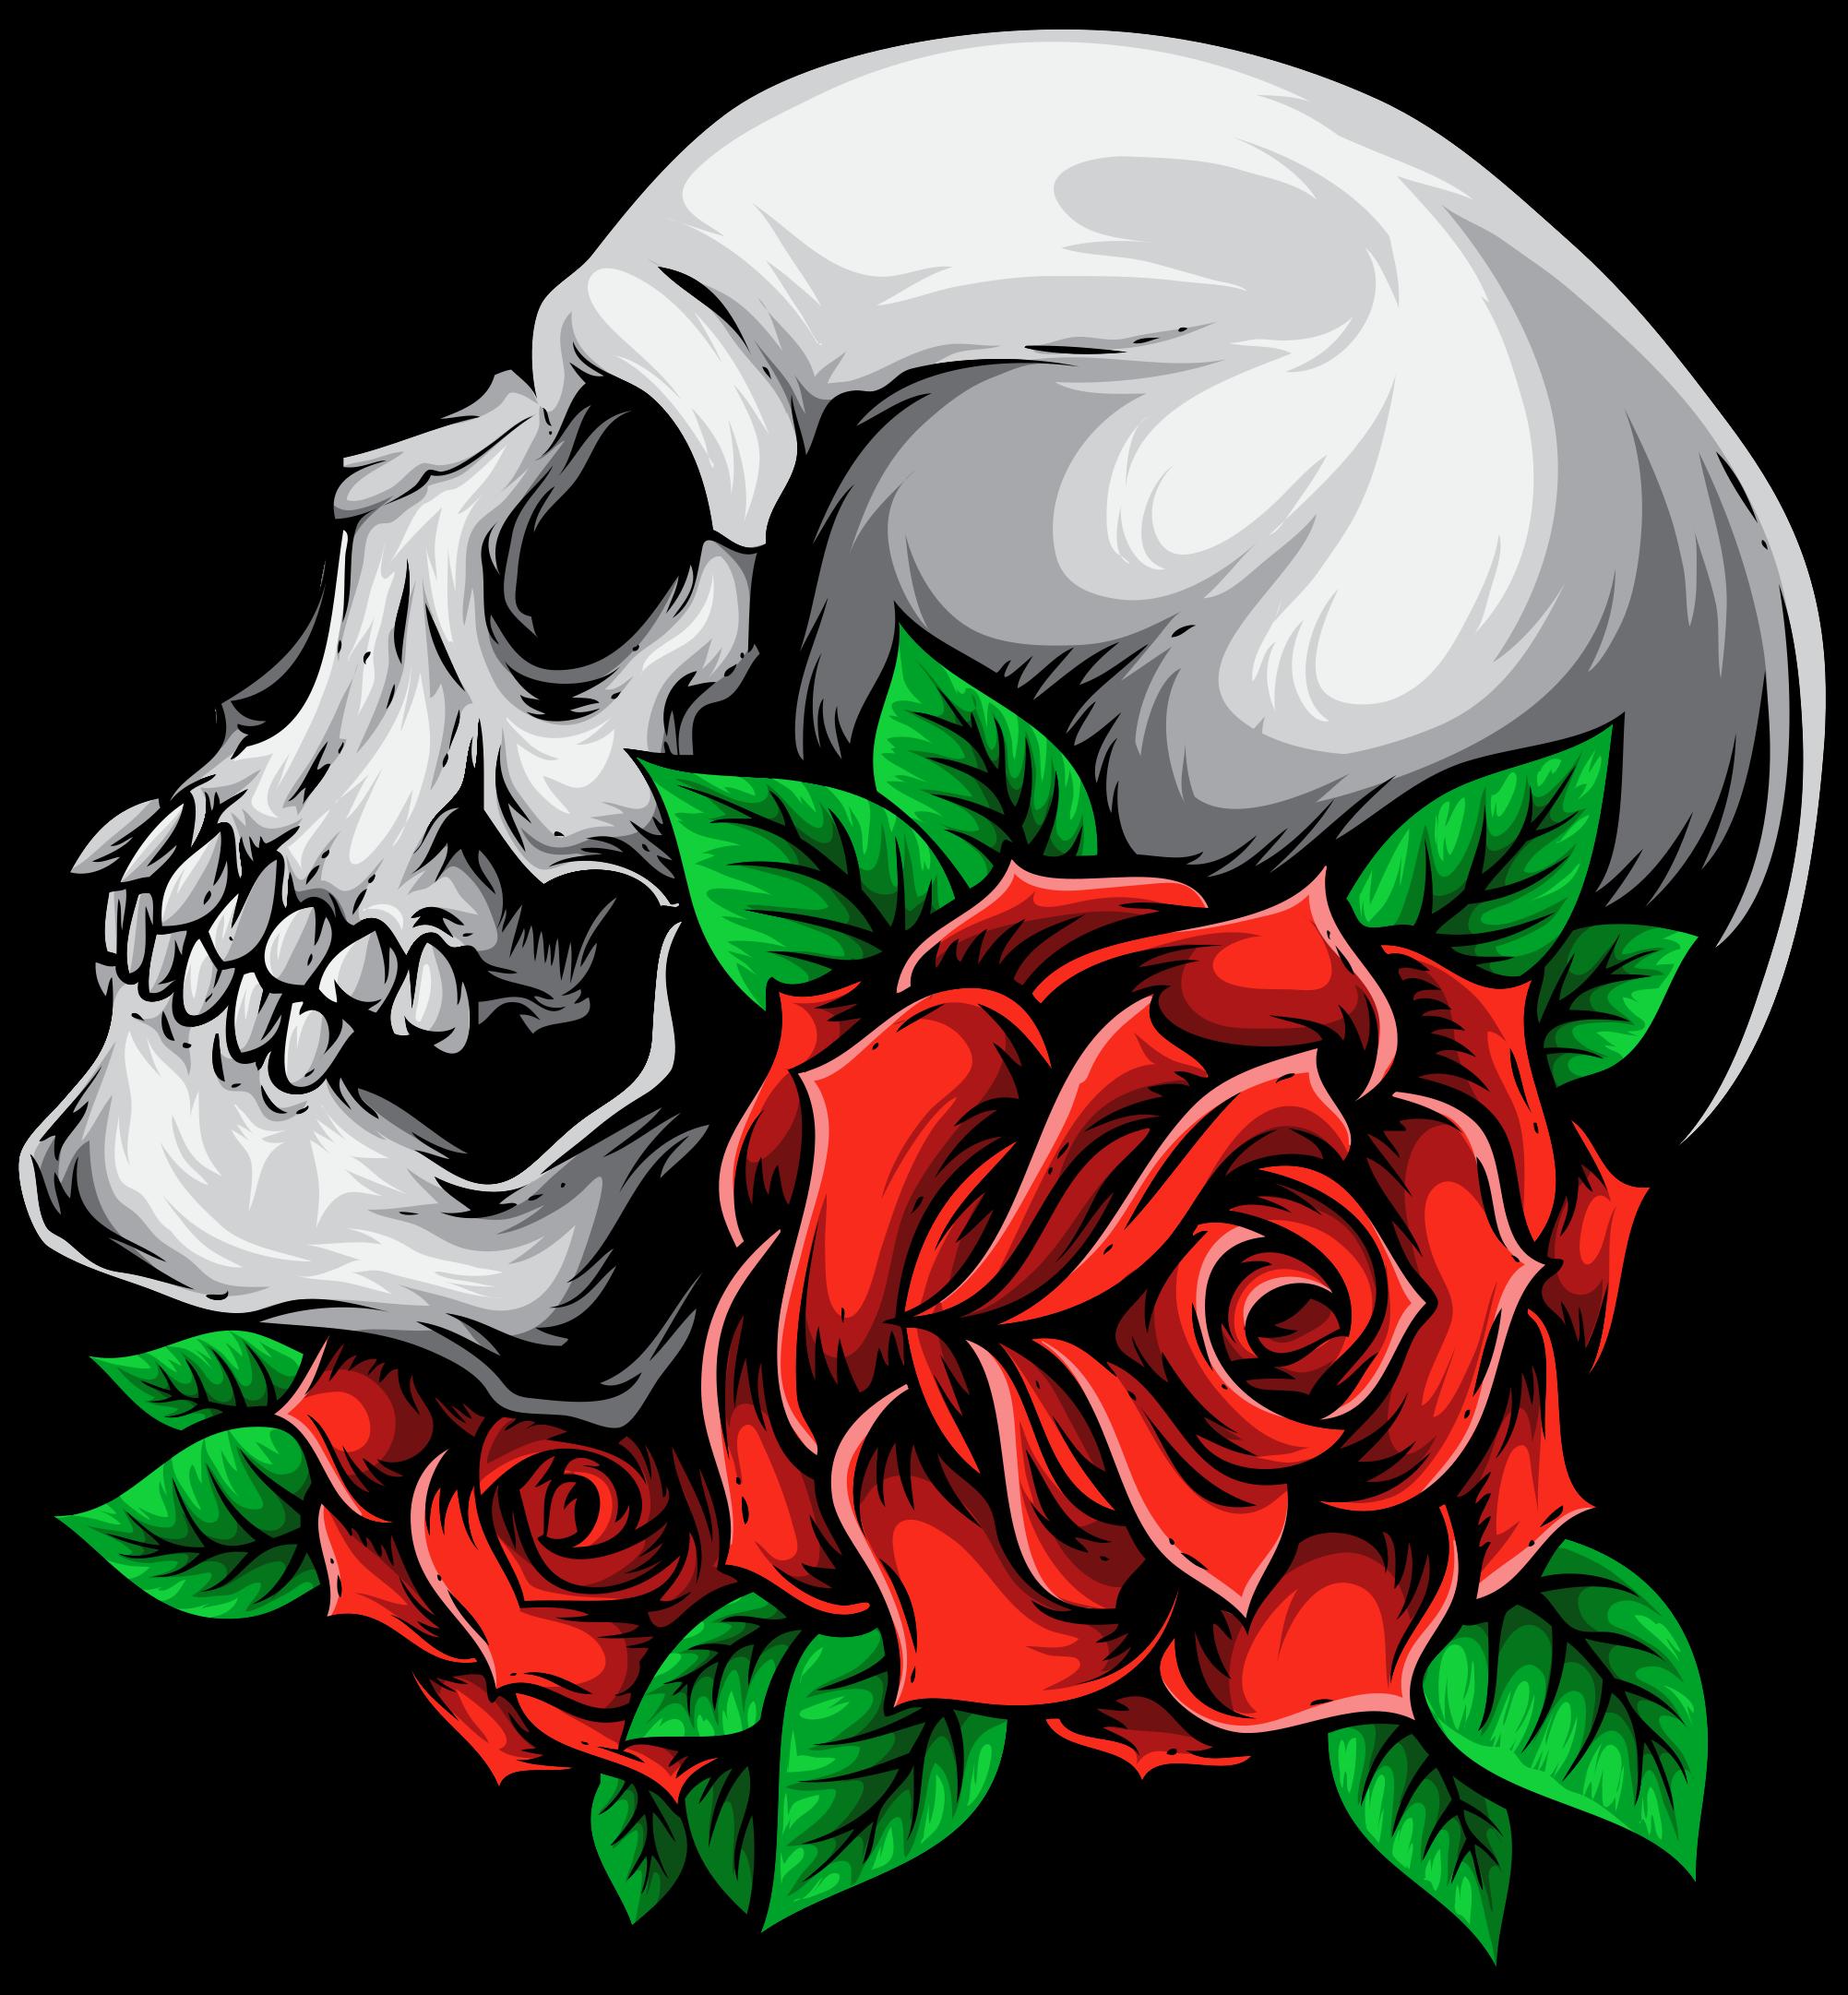 TenStickers. Autocolantes decorativos de halloween Caveira e flores. autocolante de caveira com flores para decorar o espaço da casa para o dia das bruxas. Um desenho do crânio de aparência assustadora de uma pessoa morta com uma rosa.